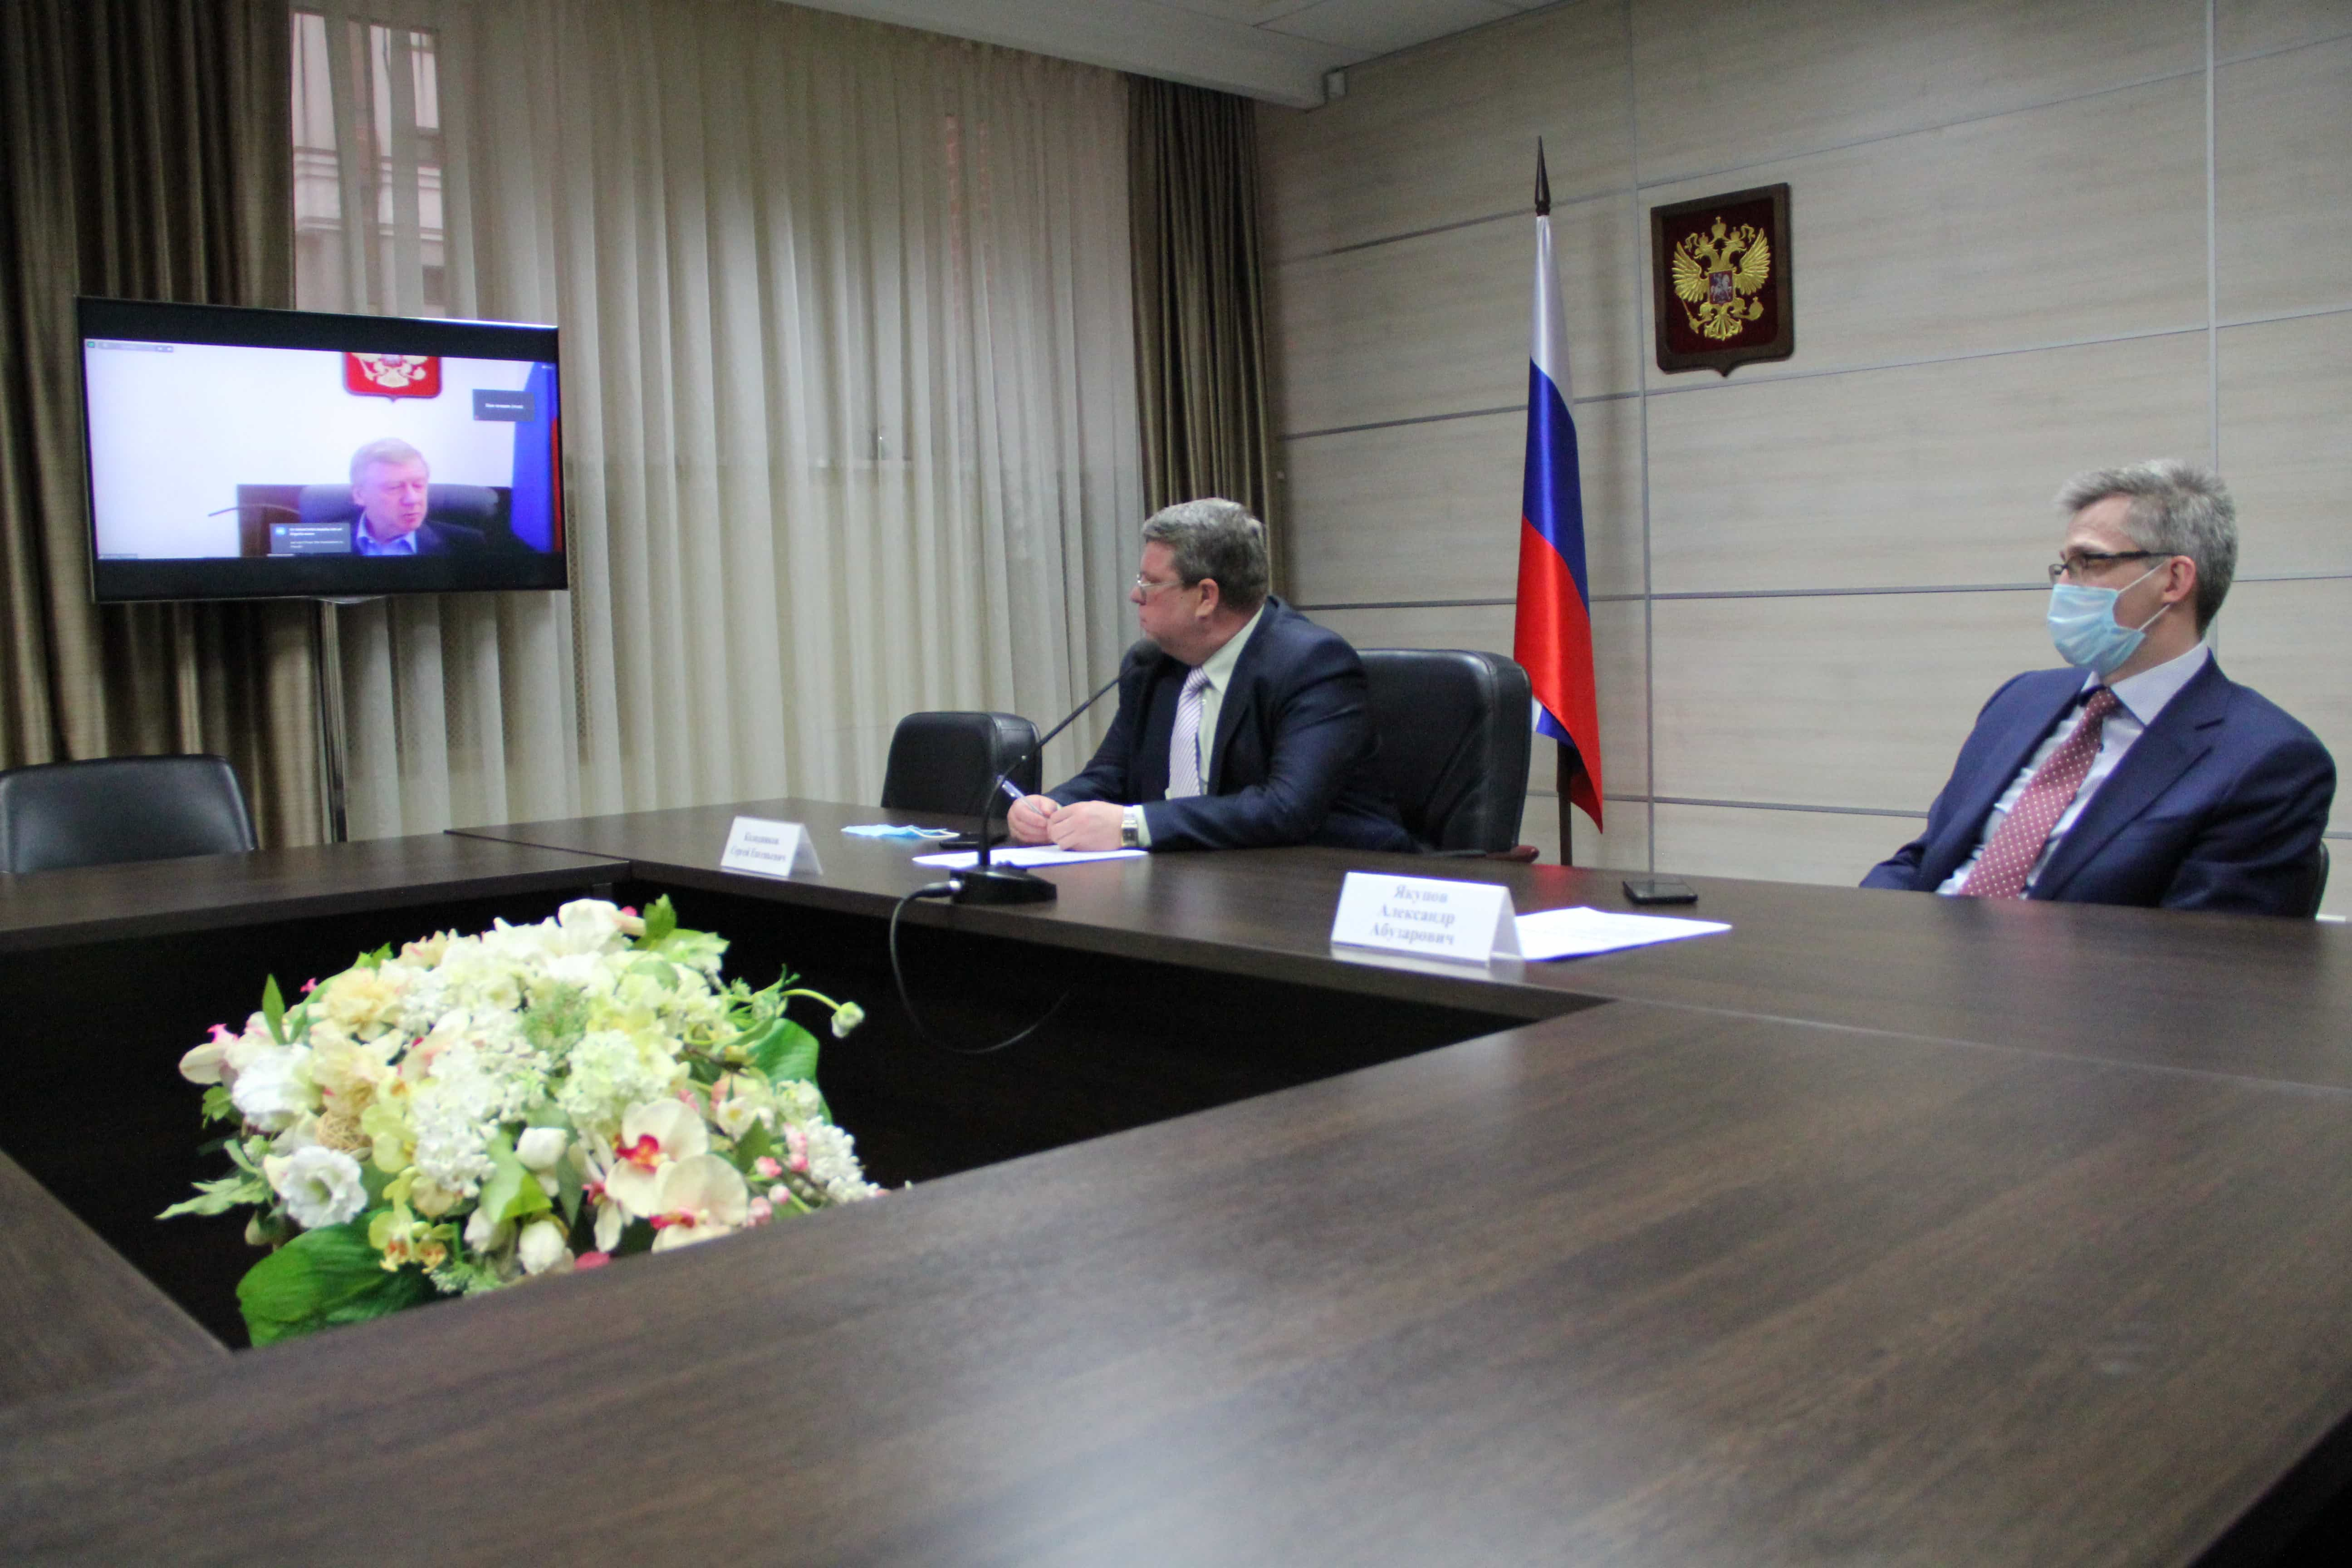 21-22 апреля Счетная палата России в качестве Председателя ИНТОСАИ провела Первую международную научно-практическую онлайн-конференцию.